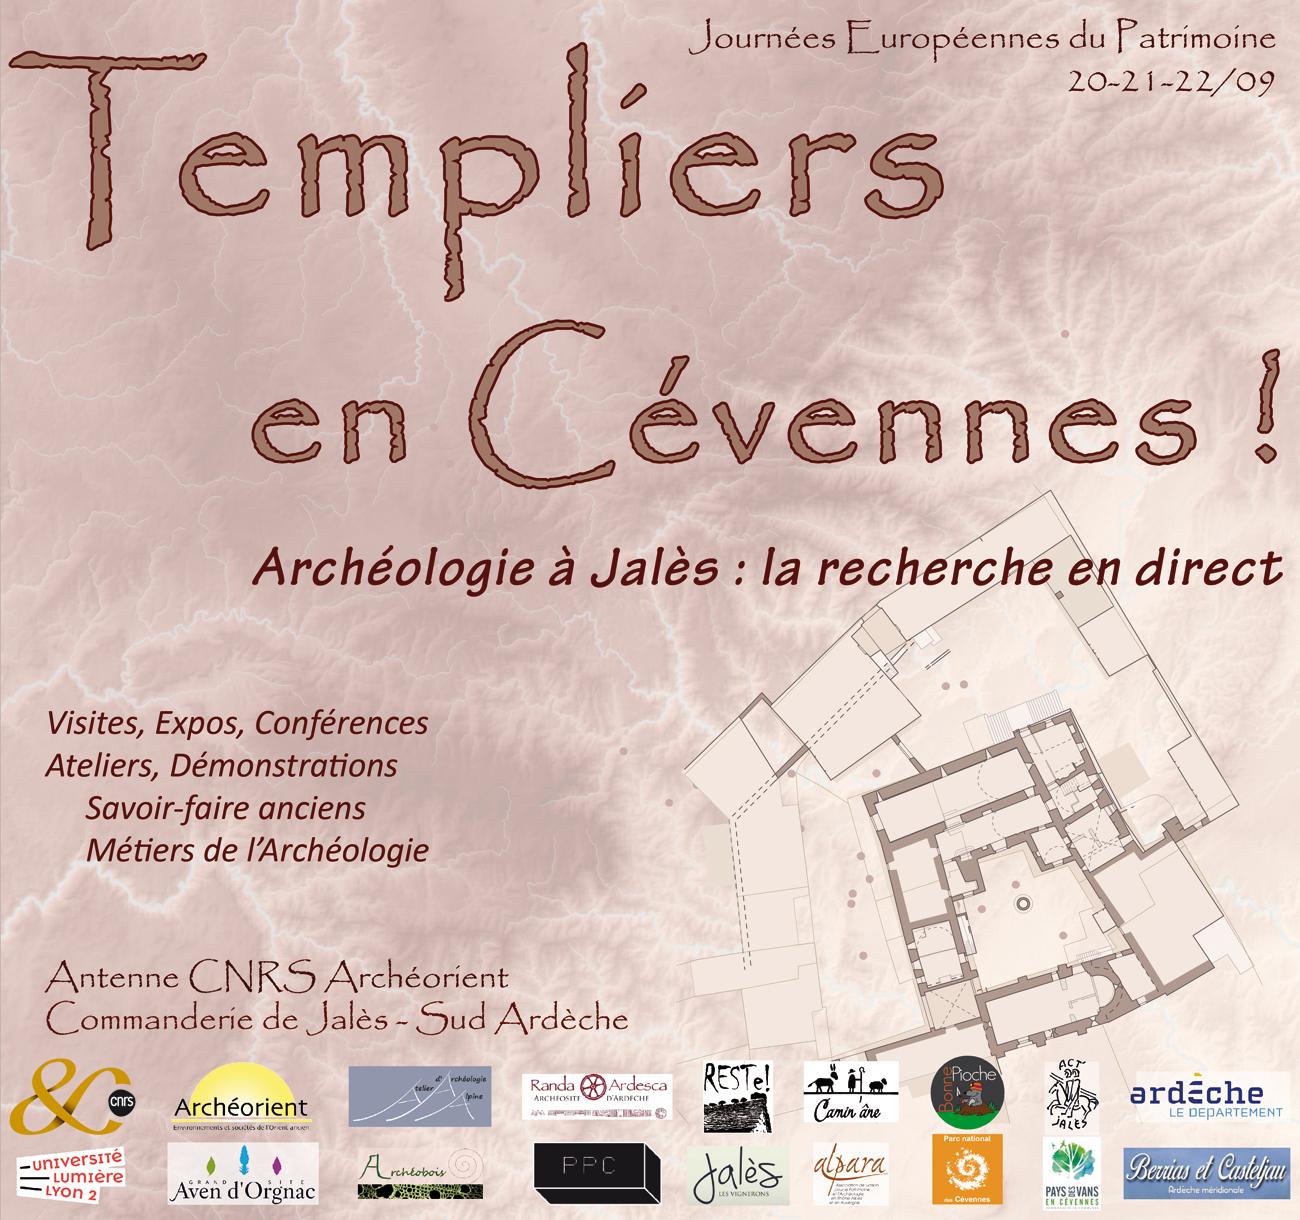 Templiers en Cévennes !